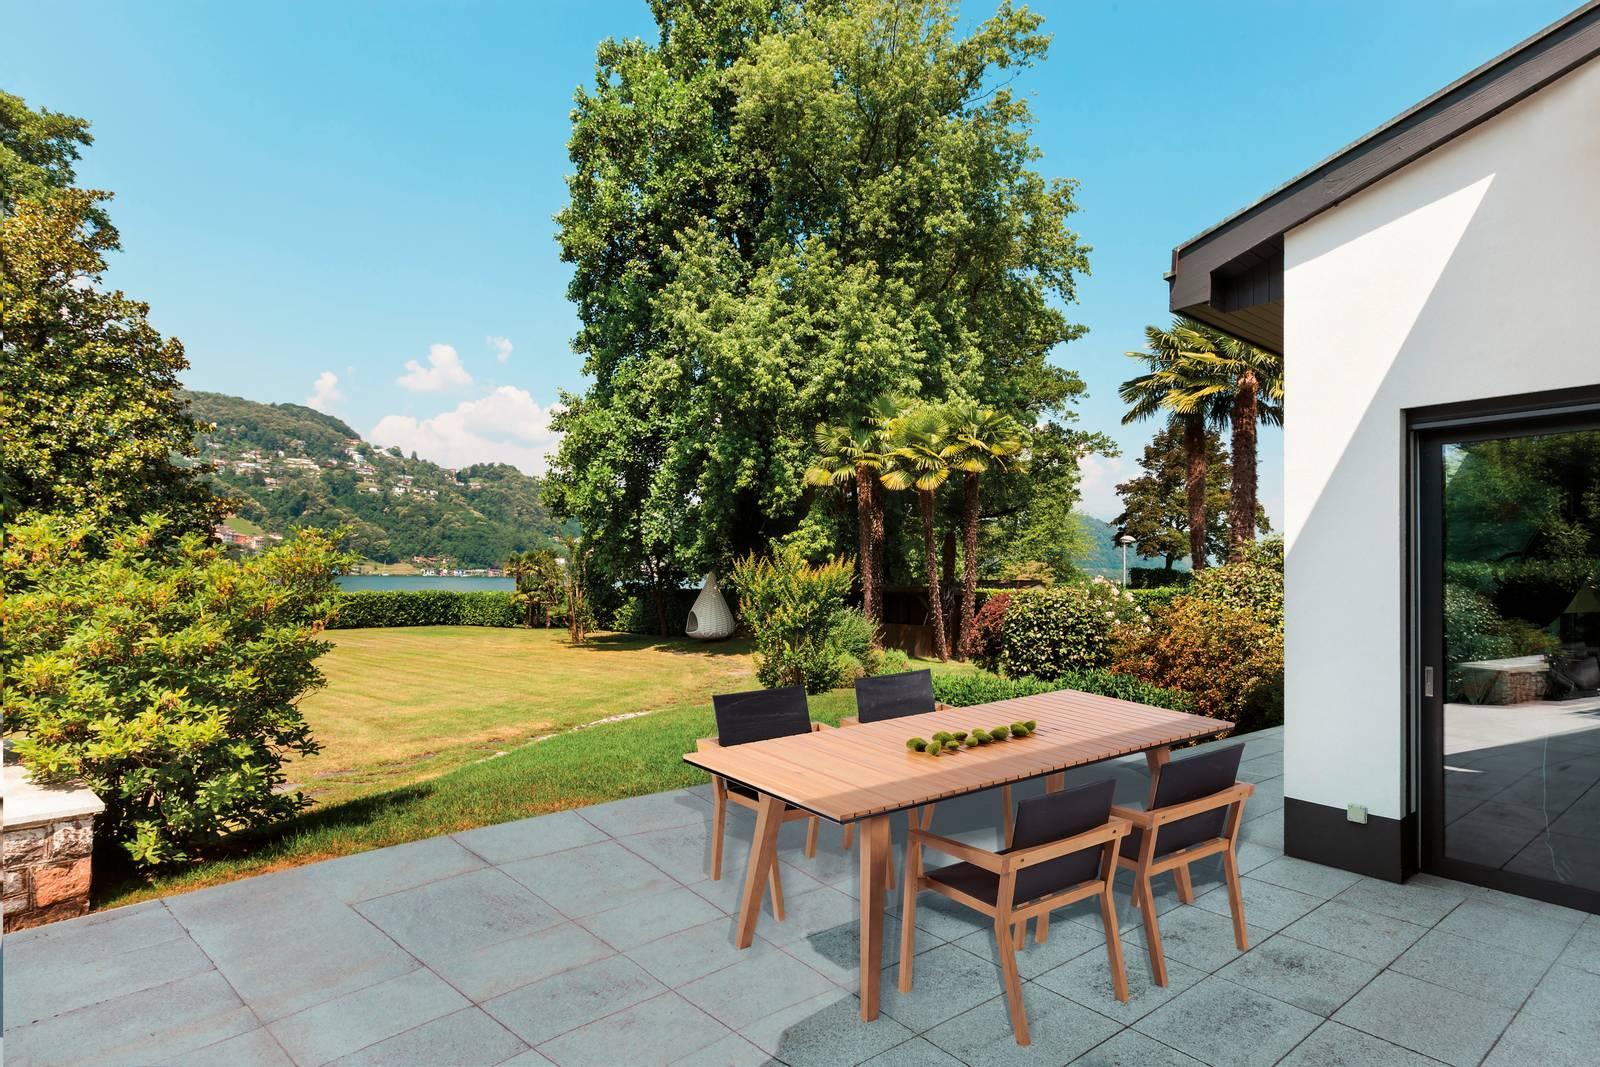 Pircher Tavoli Da Giardino.Tavoli Per Esterno Con Sedie Per Giardino O Balcone Cose Di Casa